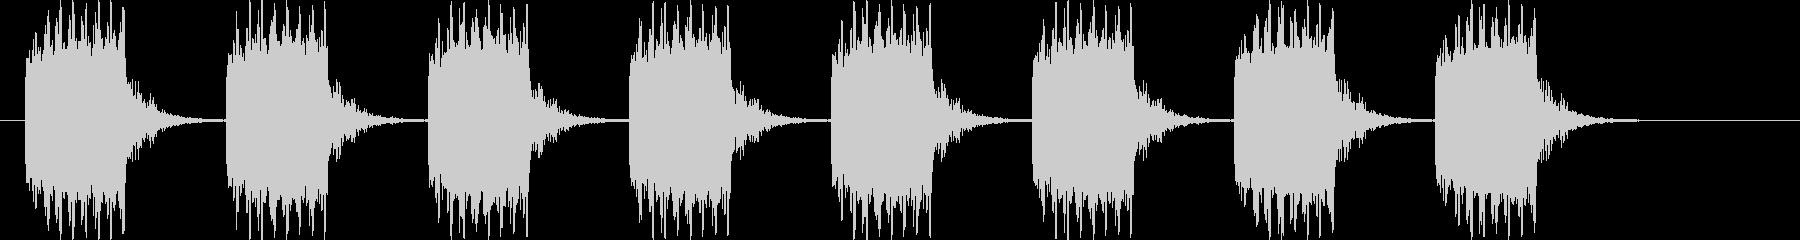 ブザー音ミドル_リバーブ付きの未再生の波形